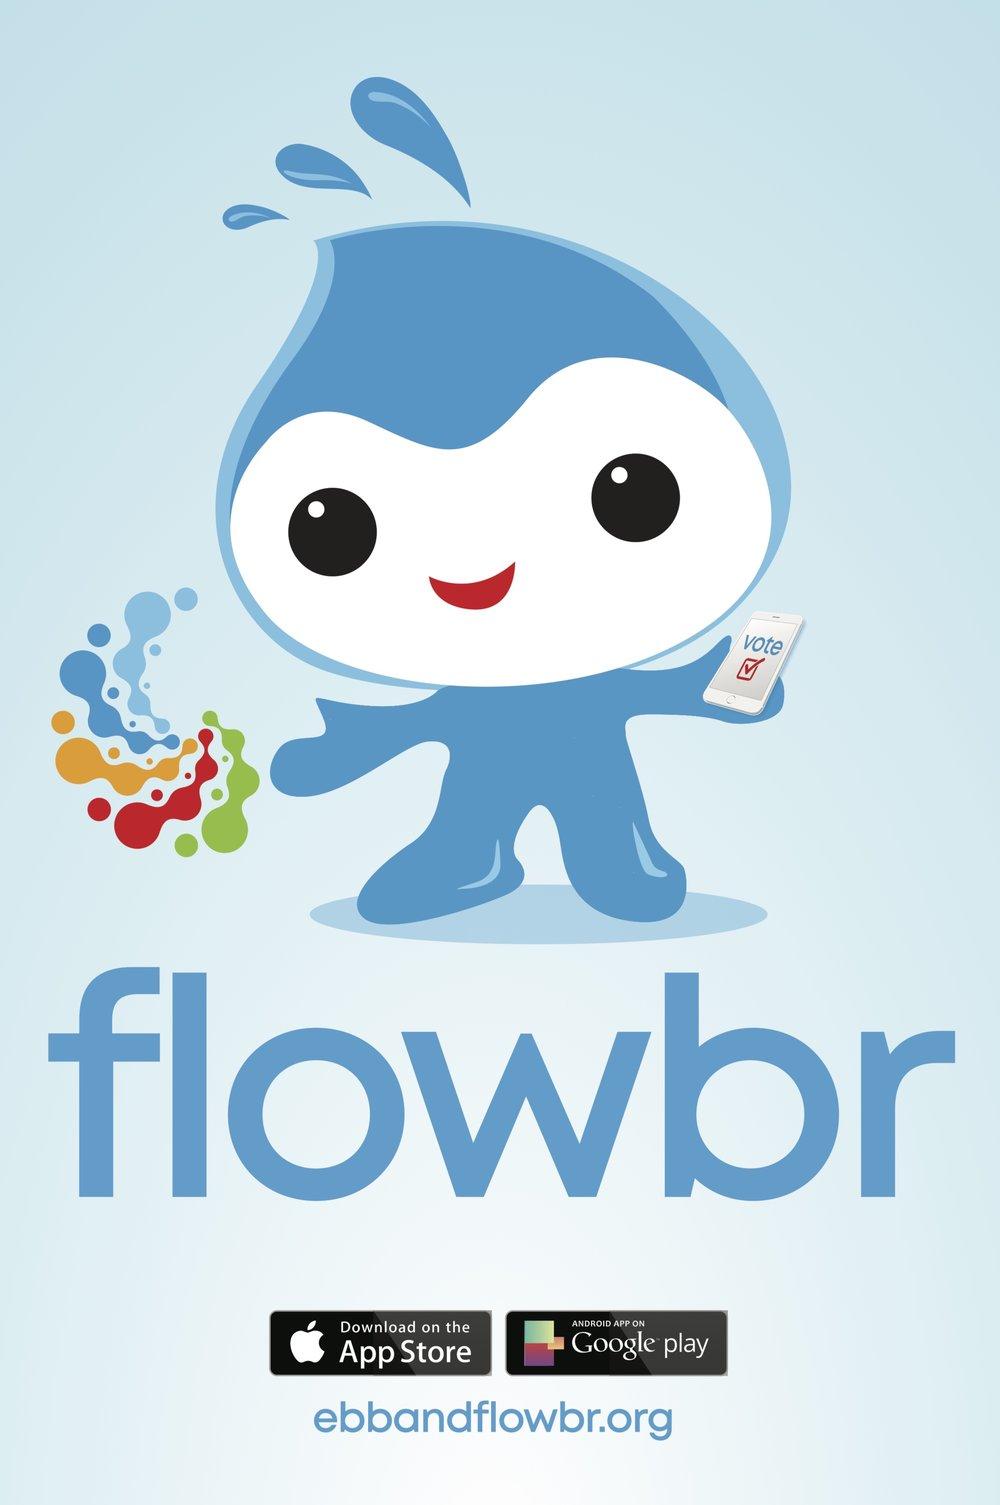 FLOW%2BPoster%2B24%2Bx%2B36%255B2%255D%2BPNG.jpg